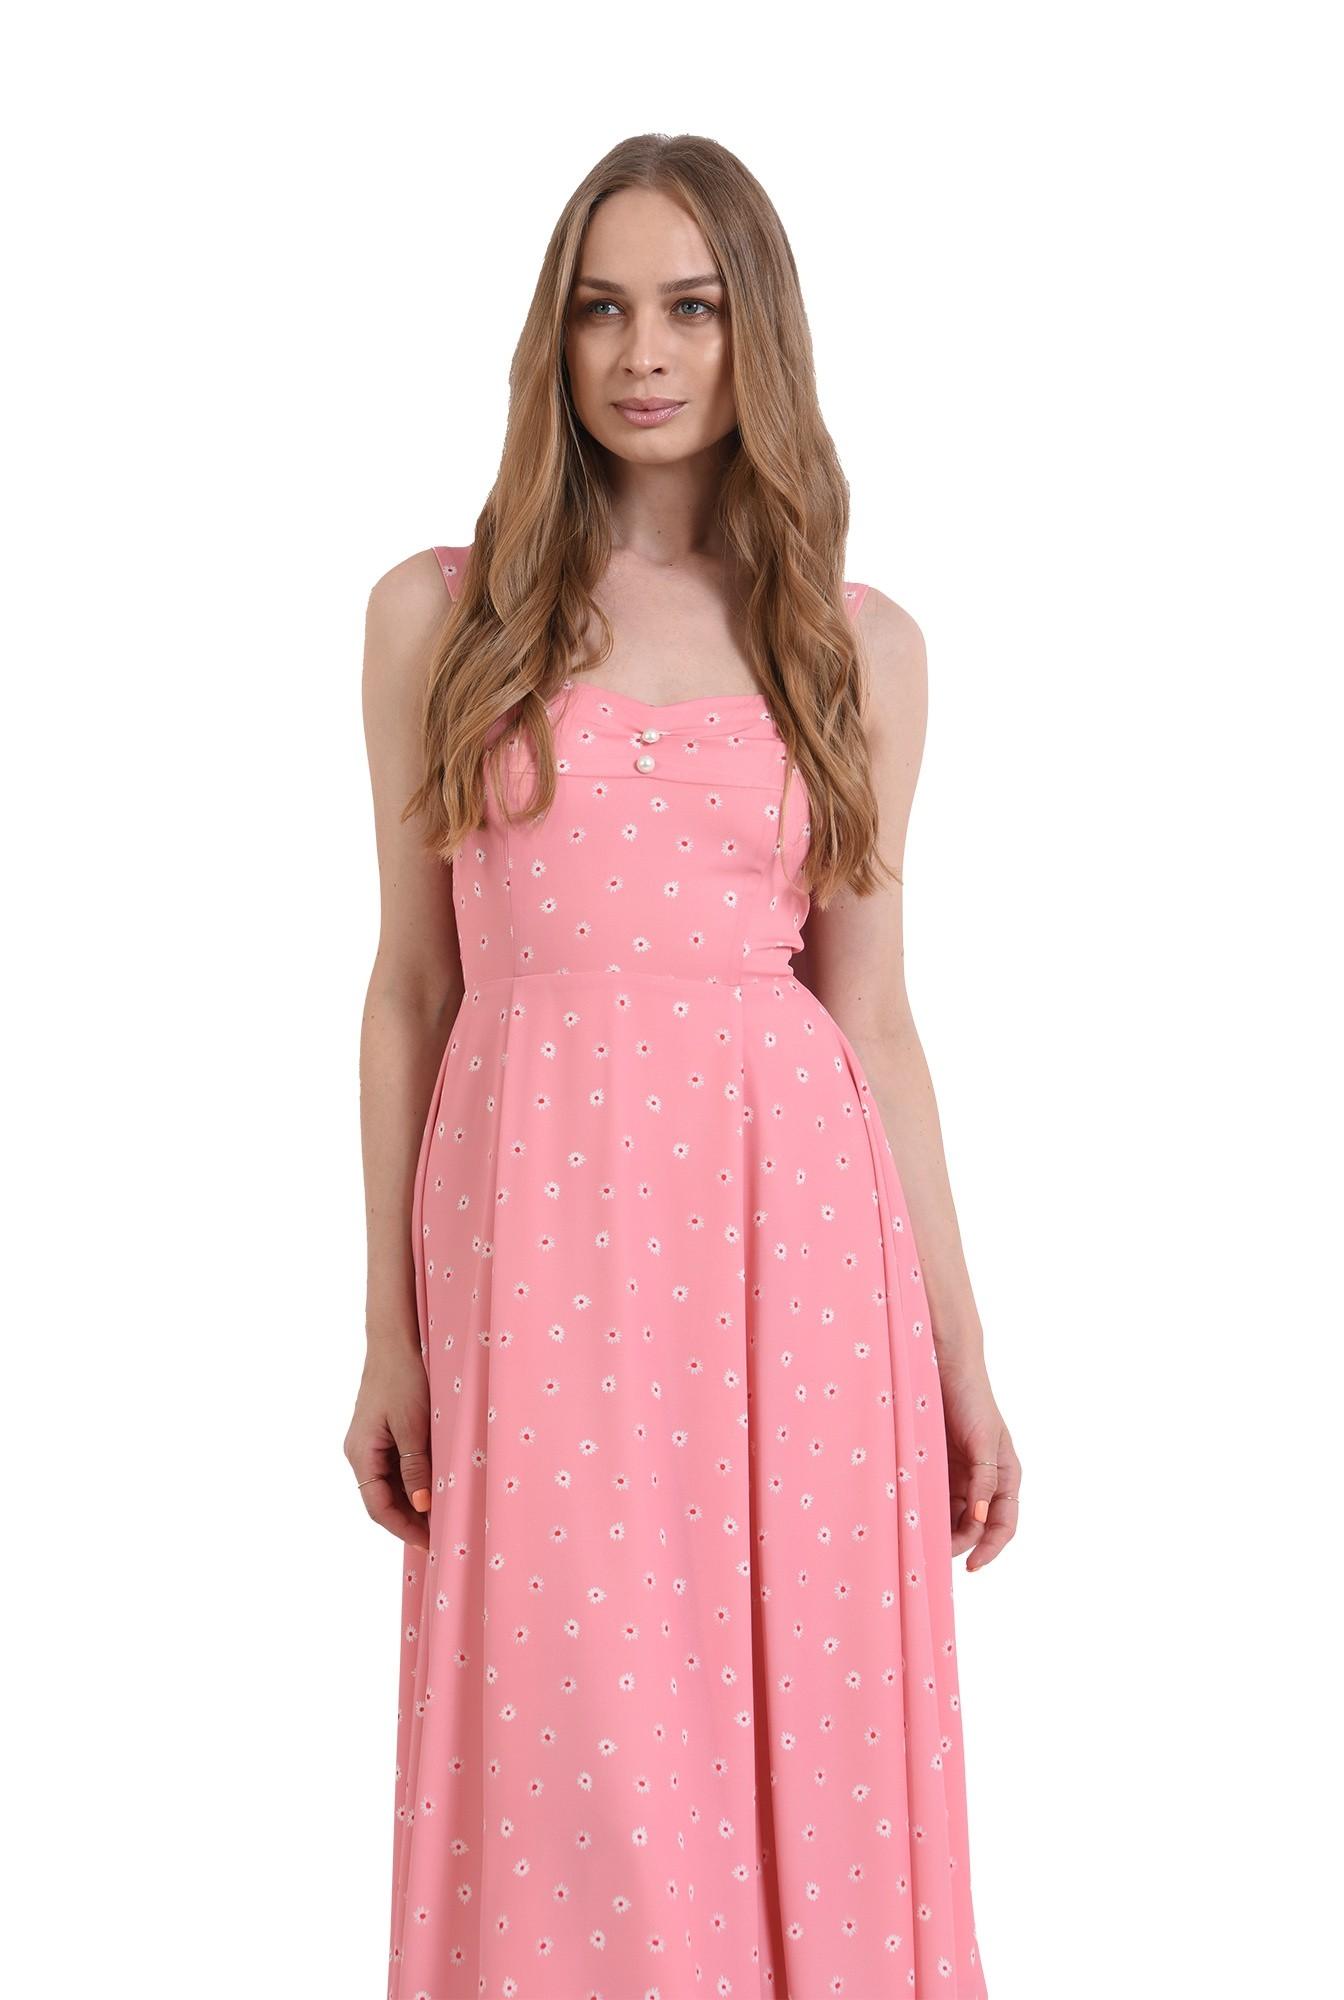 3 - rochie roz, cu print floral, cu nasturi perla